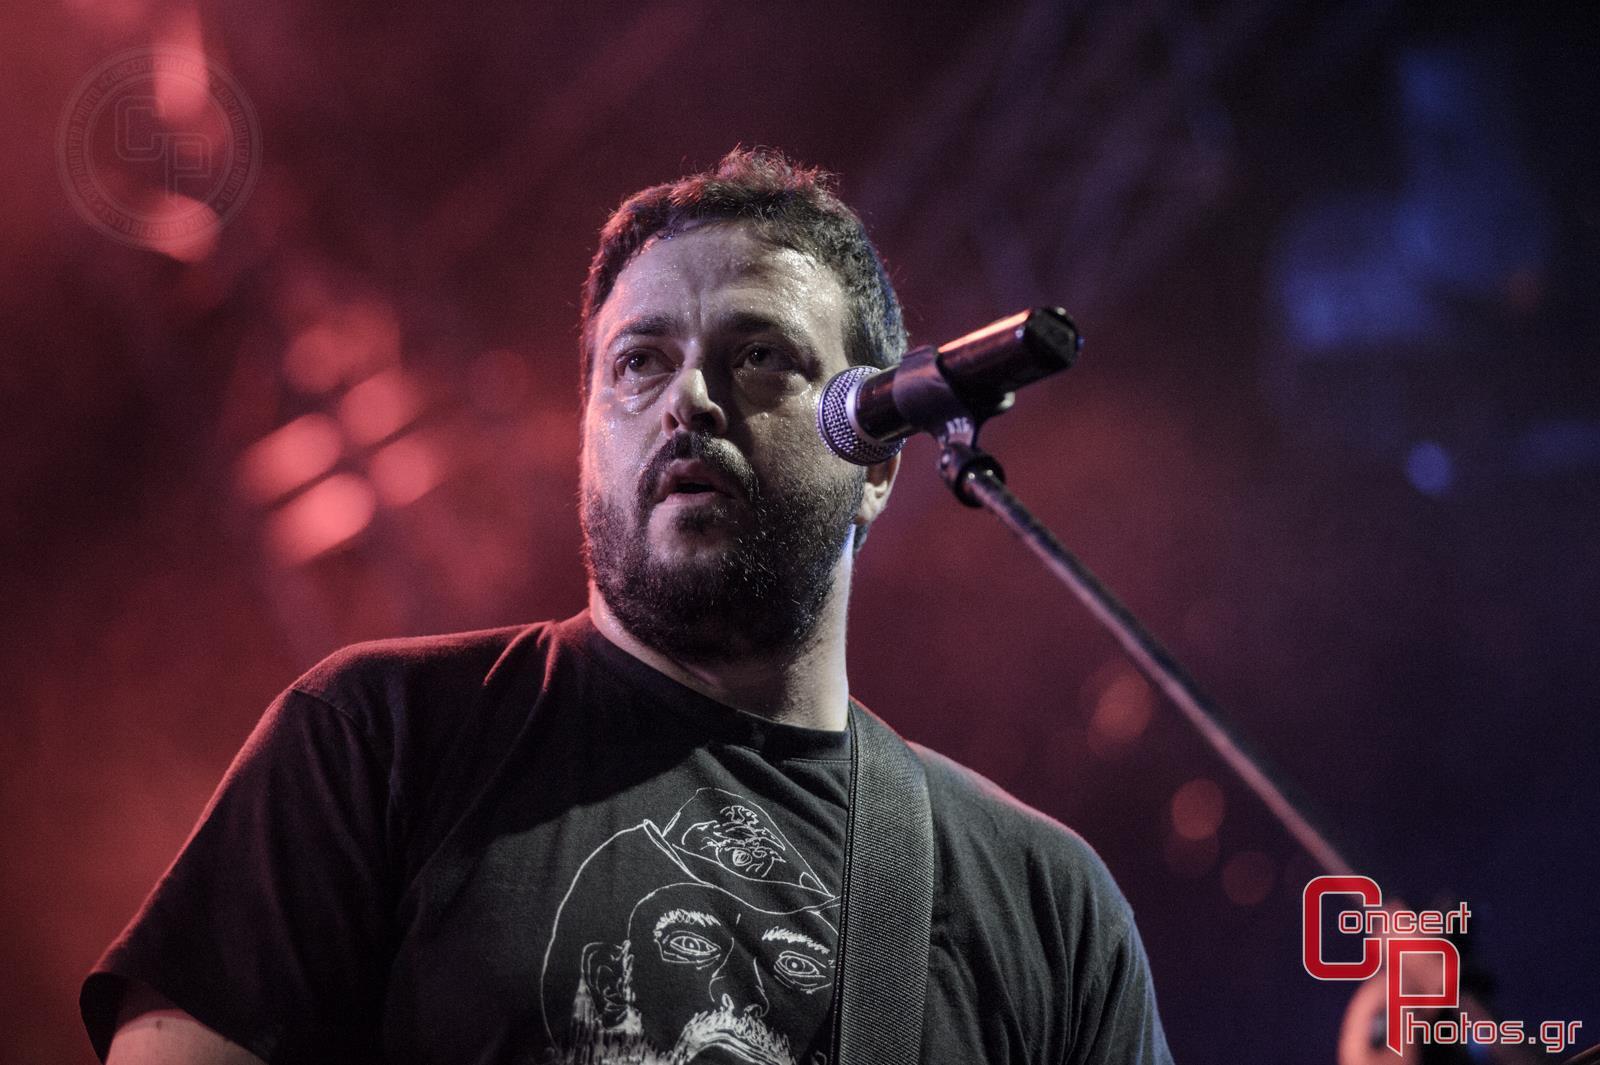 Μία συναυλία για τη Σχεδία 2014-Sxedia 2014 photographer:  - concertphotos_20140526_23_29_54